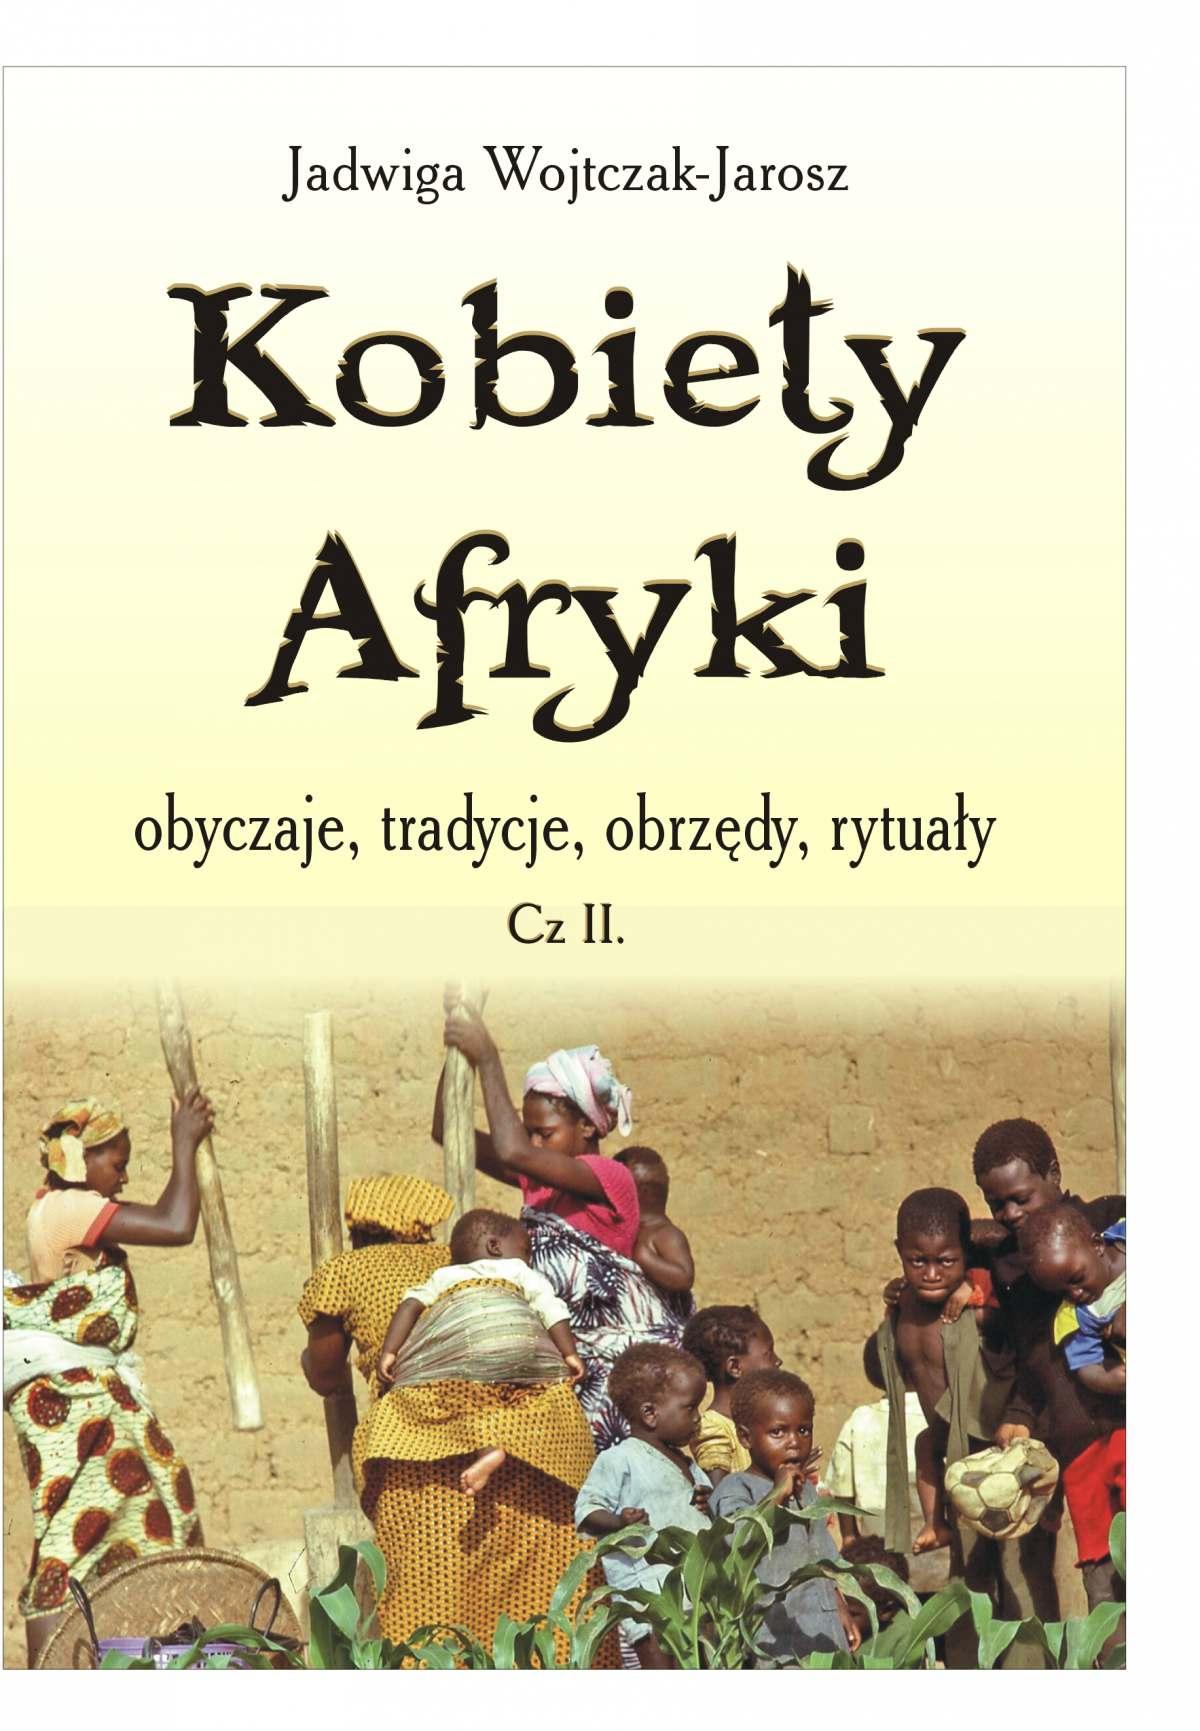 Kobiety Afryki – obyczaje, tradycje, obrzędy, rytuały. Część II - Ebook (Książka EPUB) do pobrania w formacie EPUB